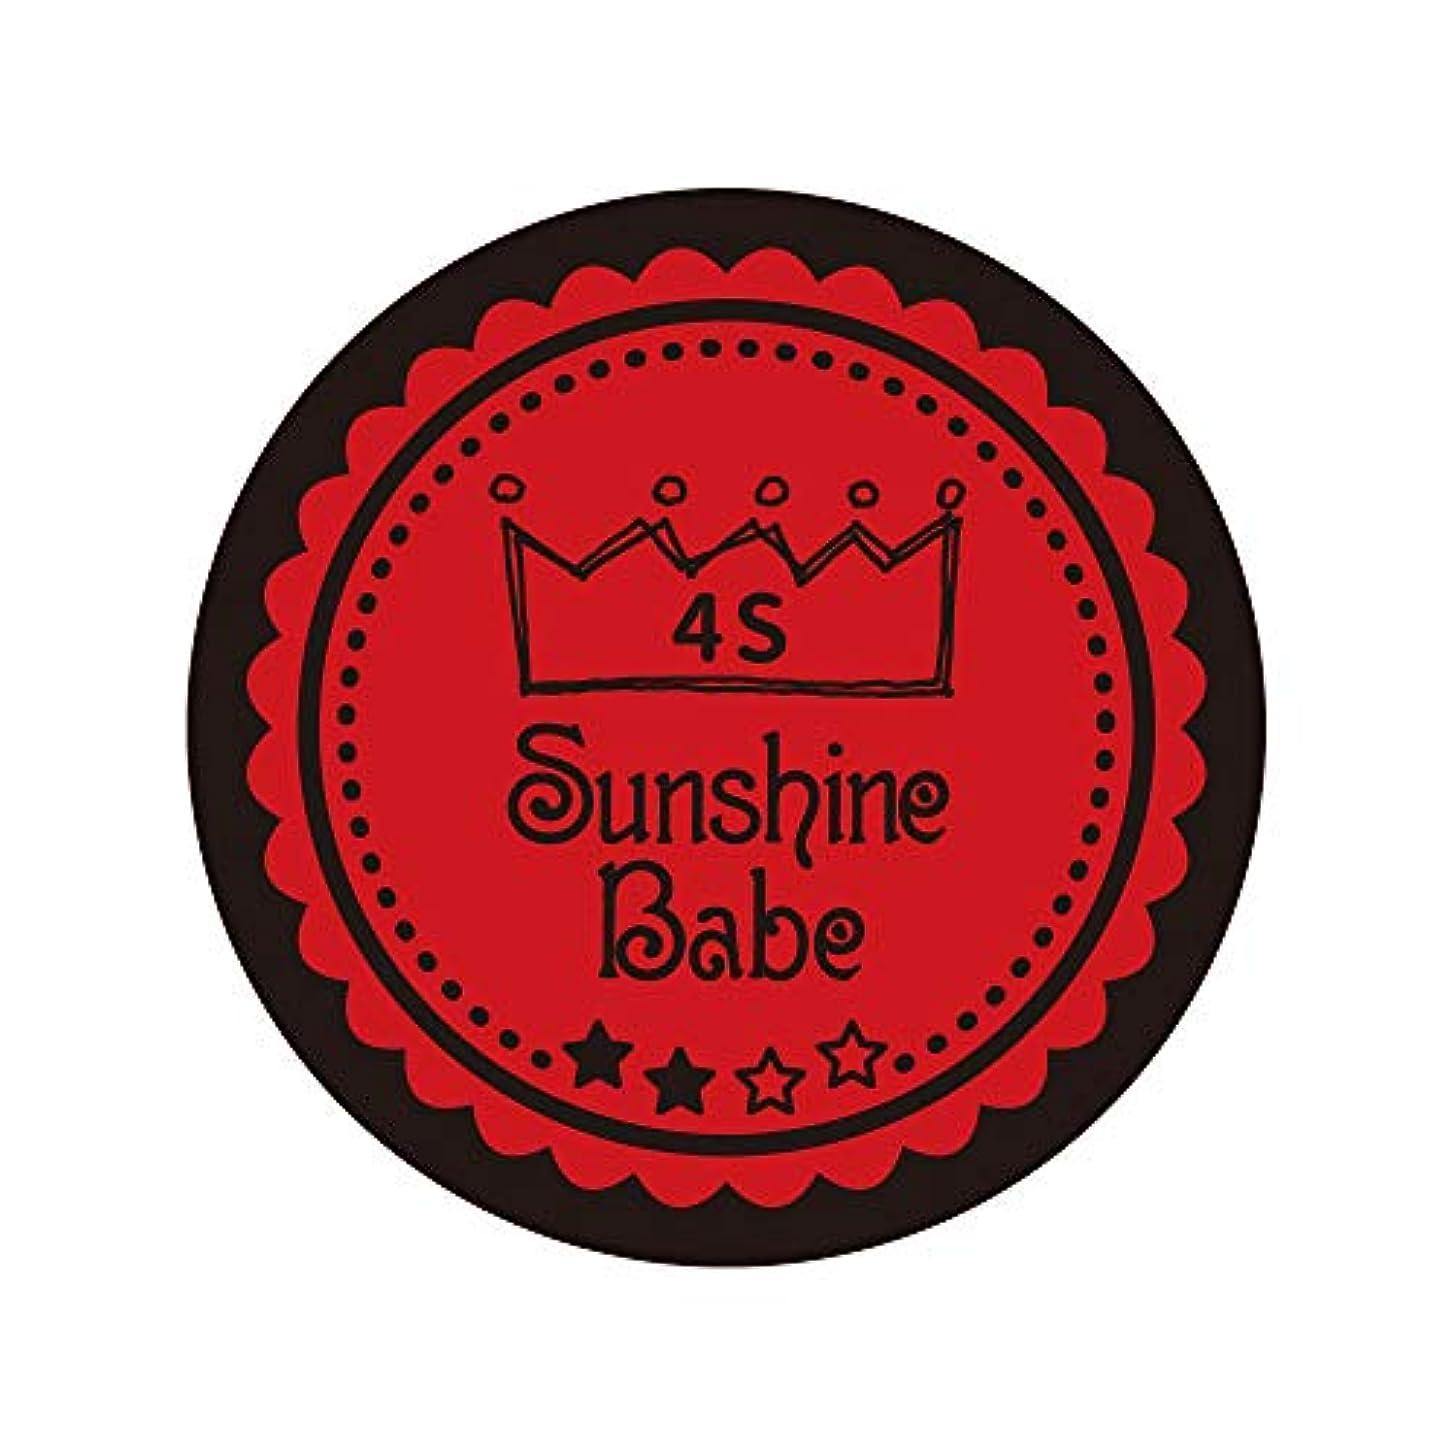 差別するあらゆる種類の追い出すSunshine Babe カラージェル 4M ヴァリアントポピー 4g UV/LED対応